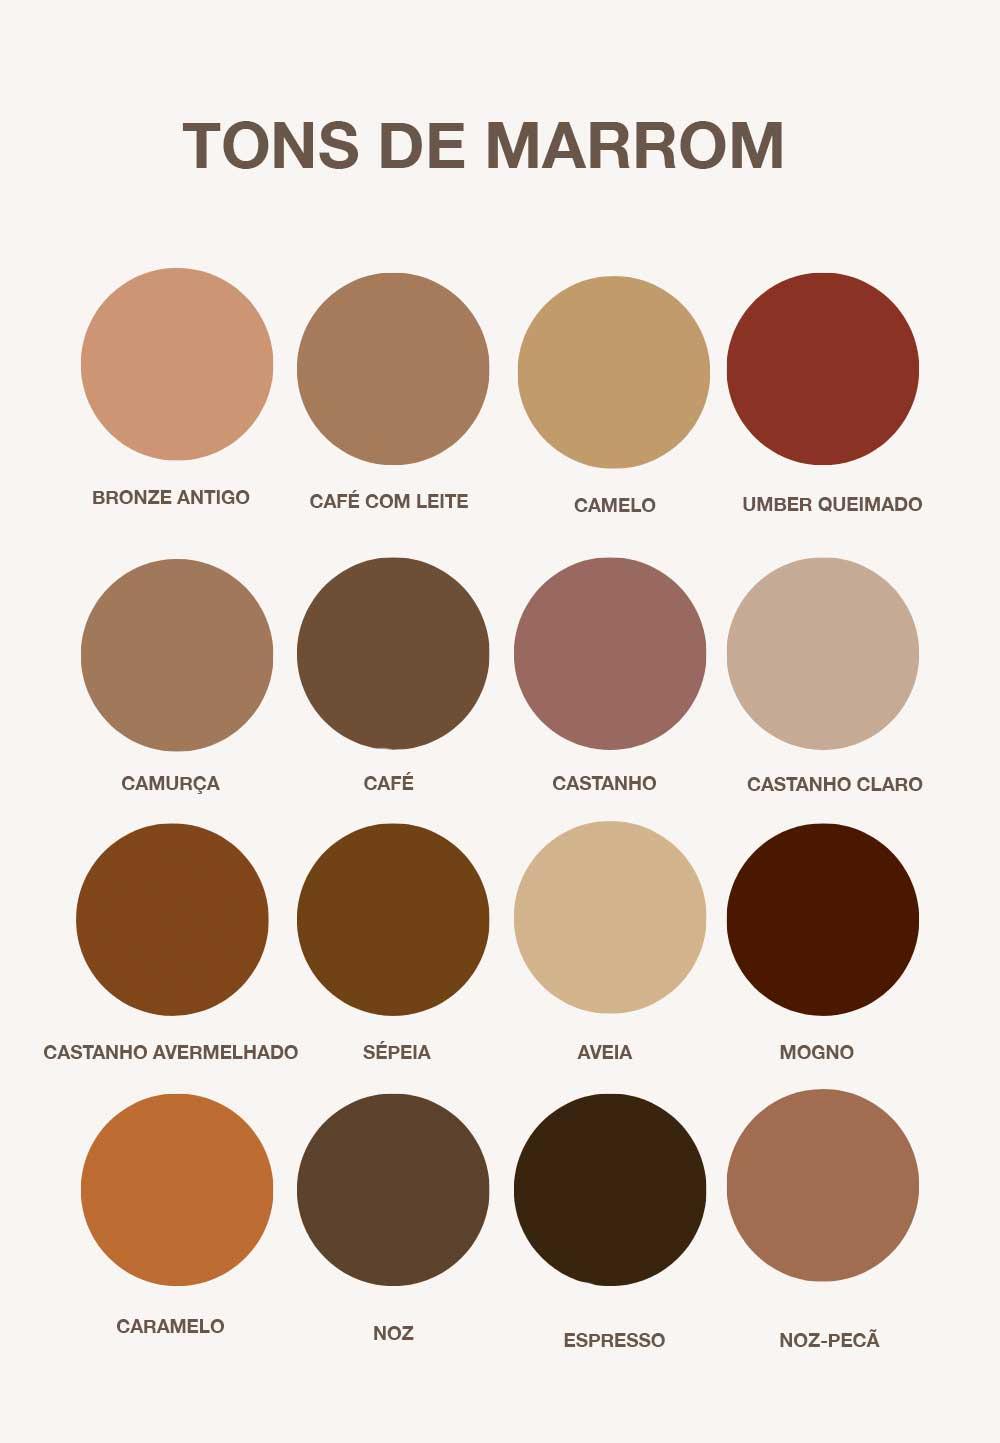 tonalidades de marrom